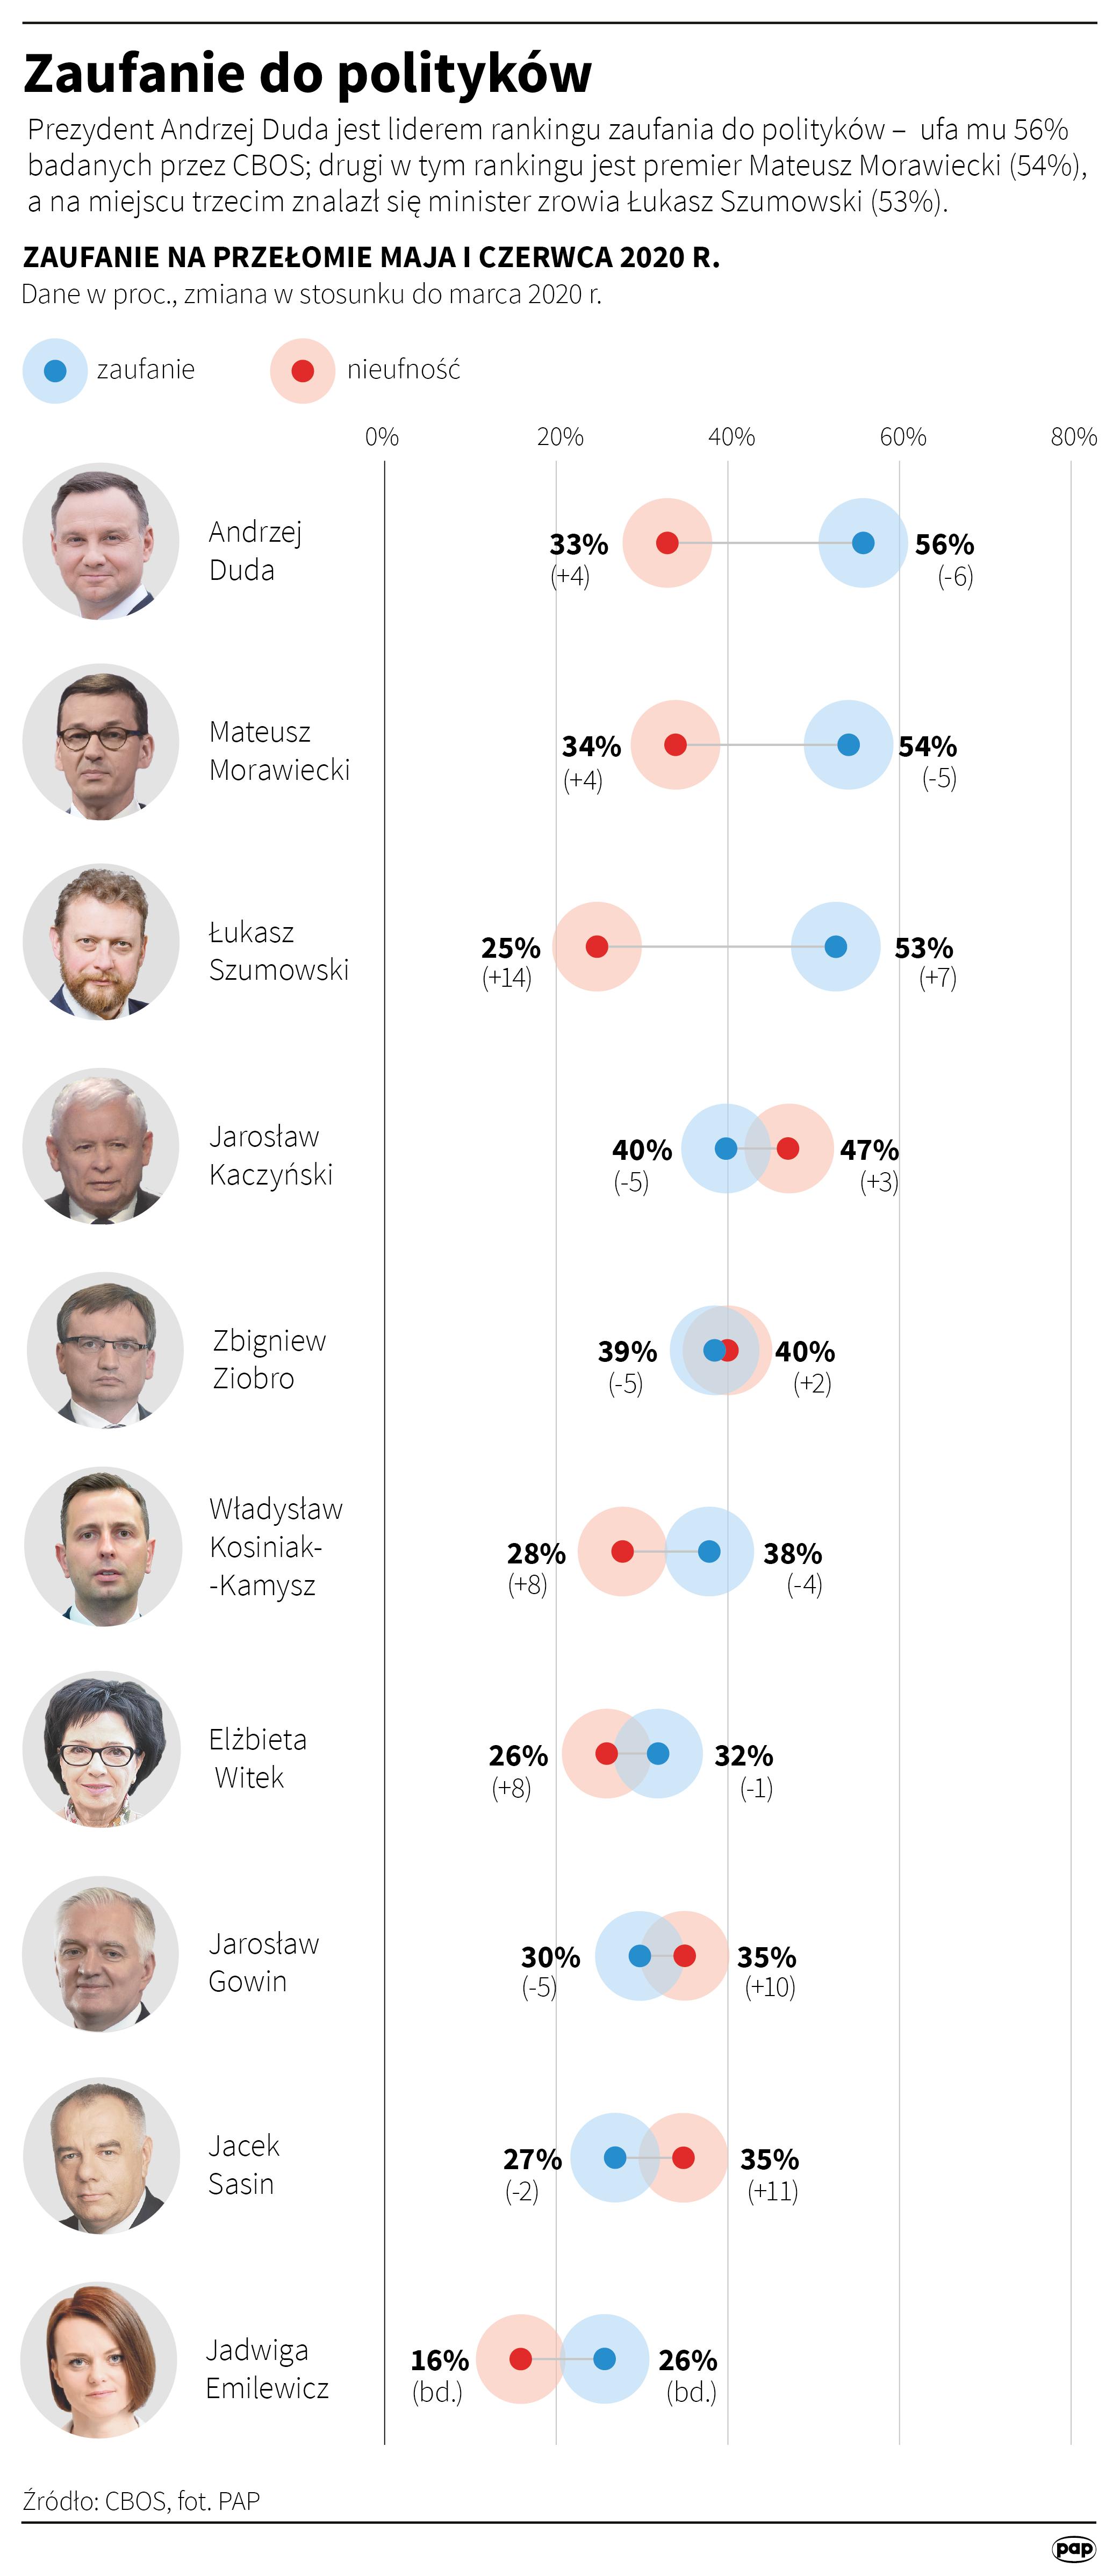 Ranking CBOS. Duda liderem zaufania, Kidawa Błońska anty-liderem.